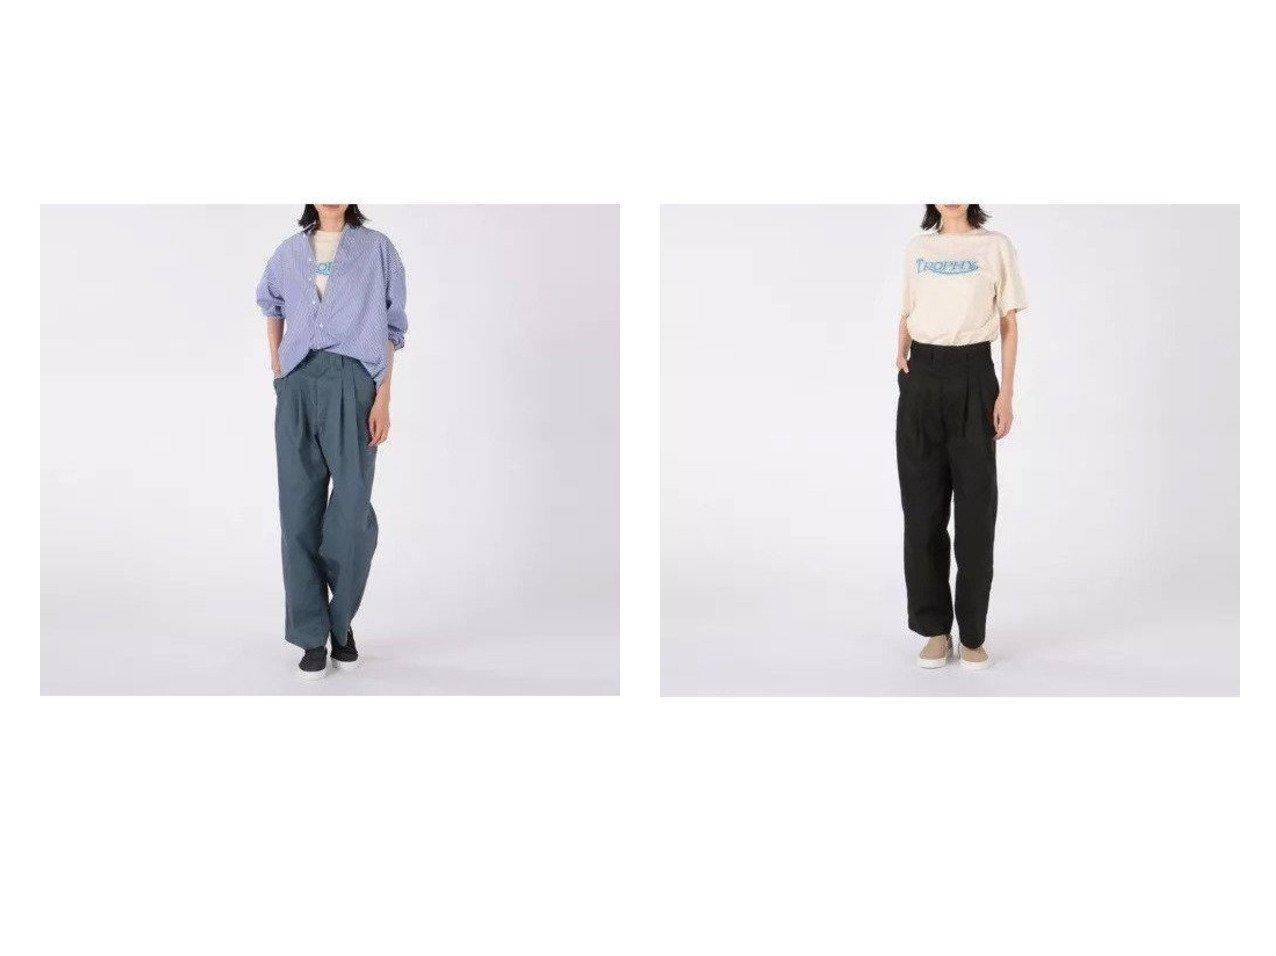 【Shinzone/シンゾーン】のトムボーイ パンツのおすすめ!人気、トレンド・レディースファッションの通販 おすすめで人気の流行・トレンド、ファッションの通販商品 メンズファッション・キッズファッション・インテリア・家具・レディースファッション・服の通販 founy(ファニー) https://founy.com/ ファッション Fashion レディースファッション WOMEN パンツ Pants 秋 Autumn/Fall |ID:crp329100000014430